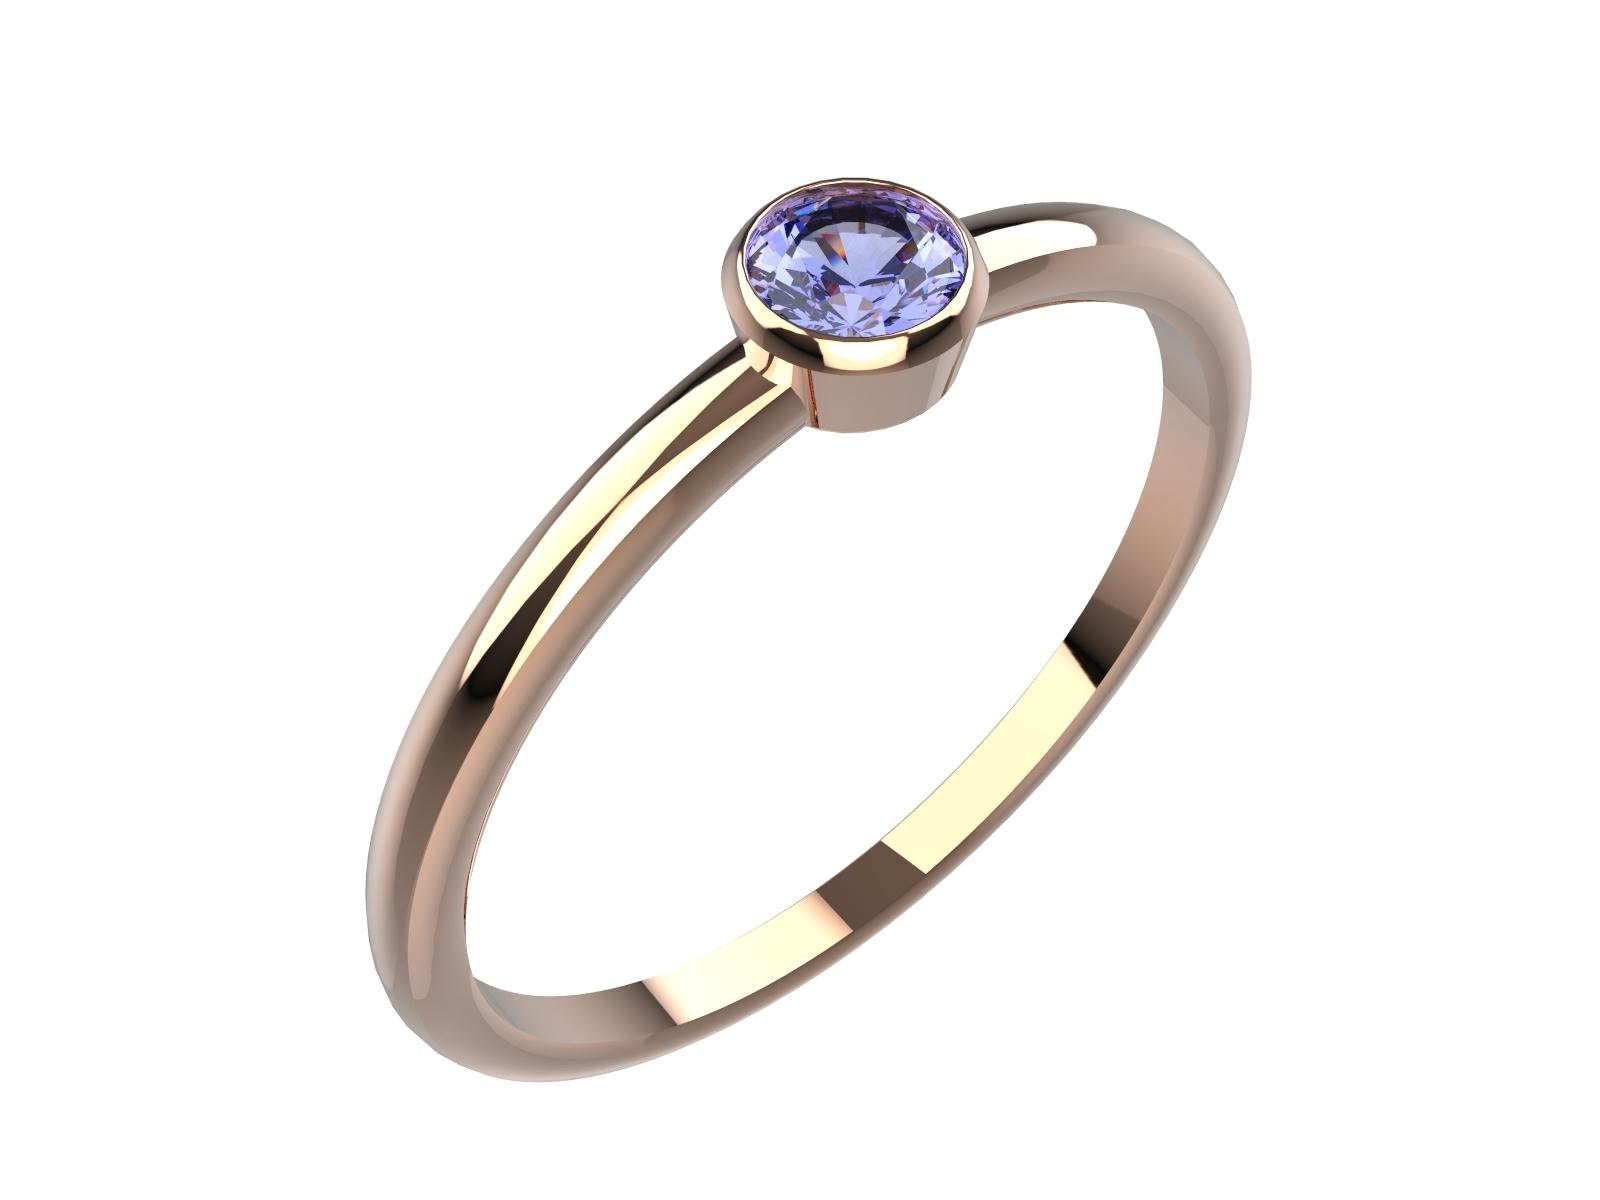 K18PG Ring